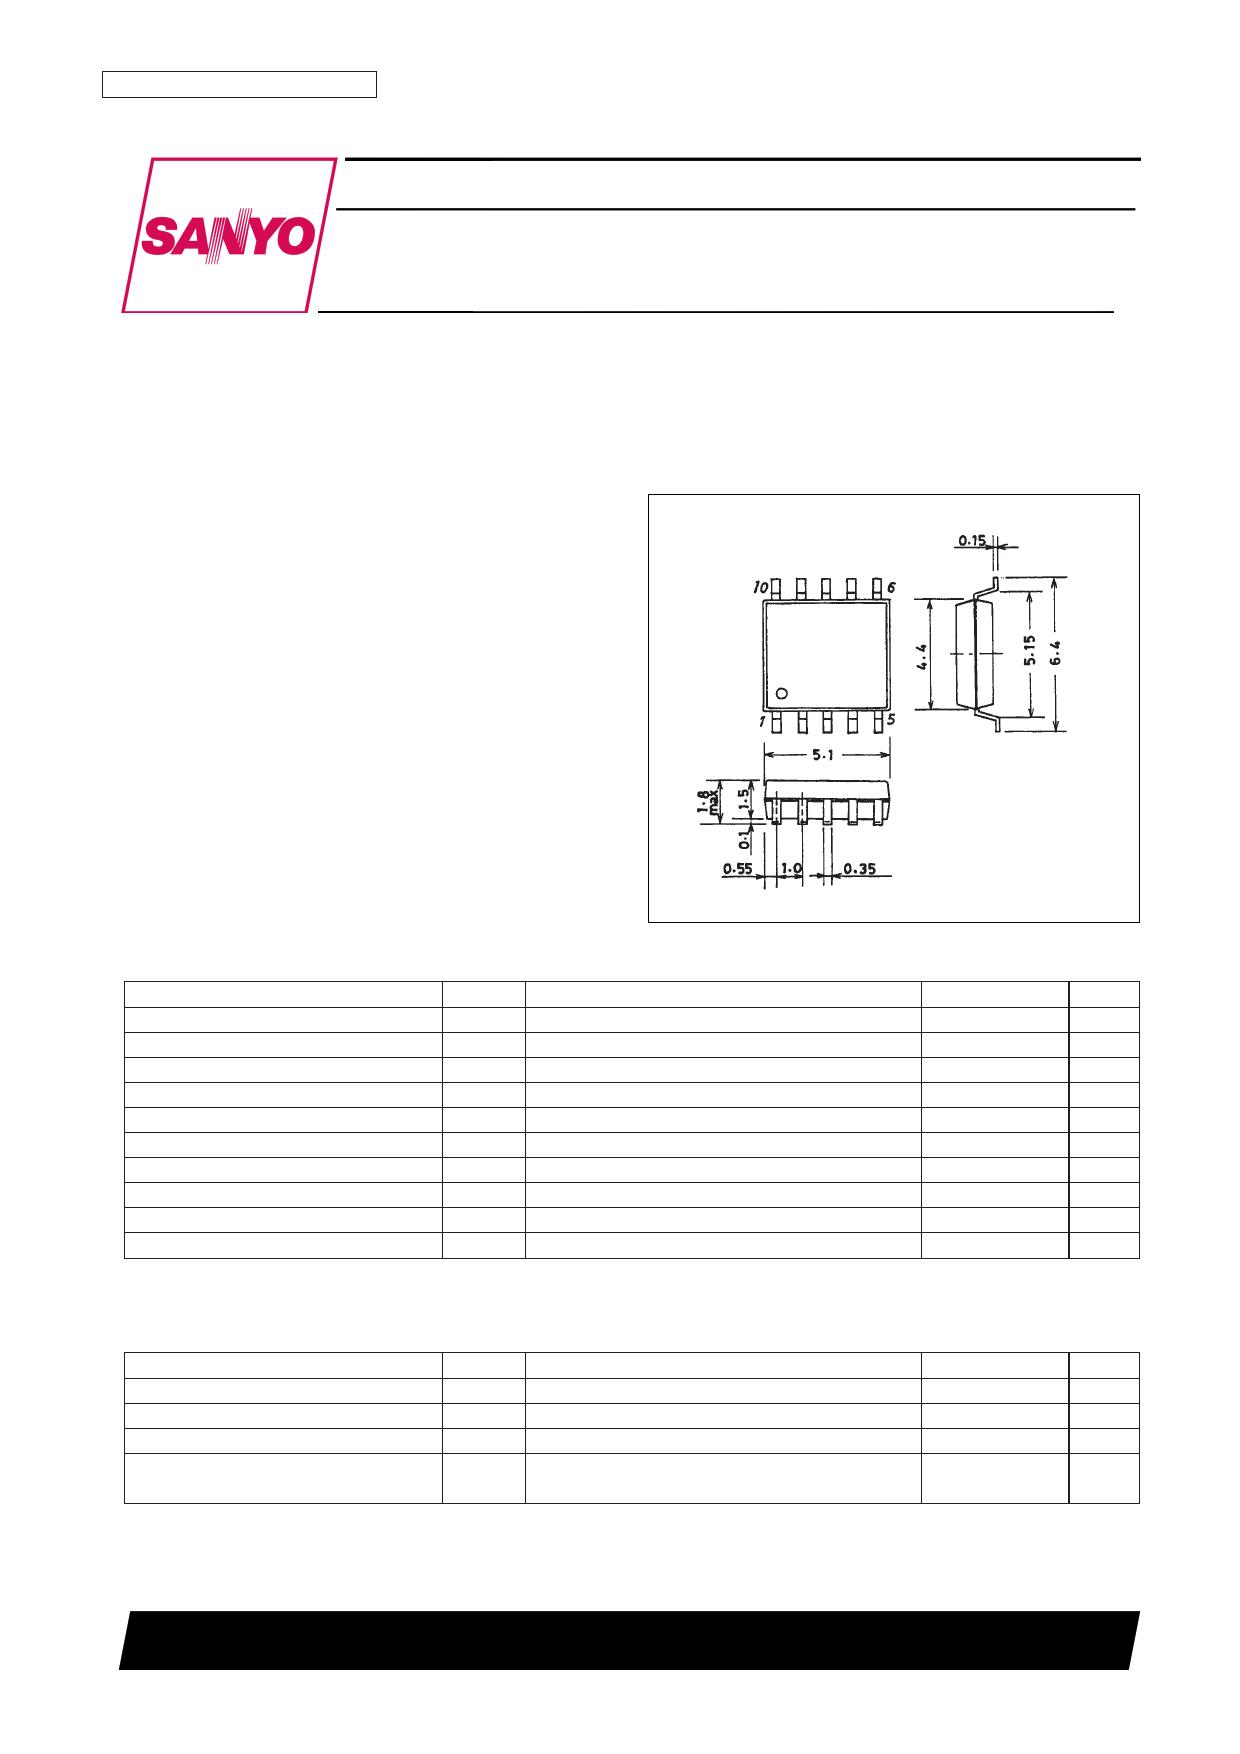 LB1862M datasheet